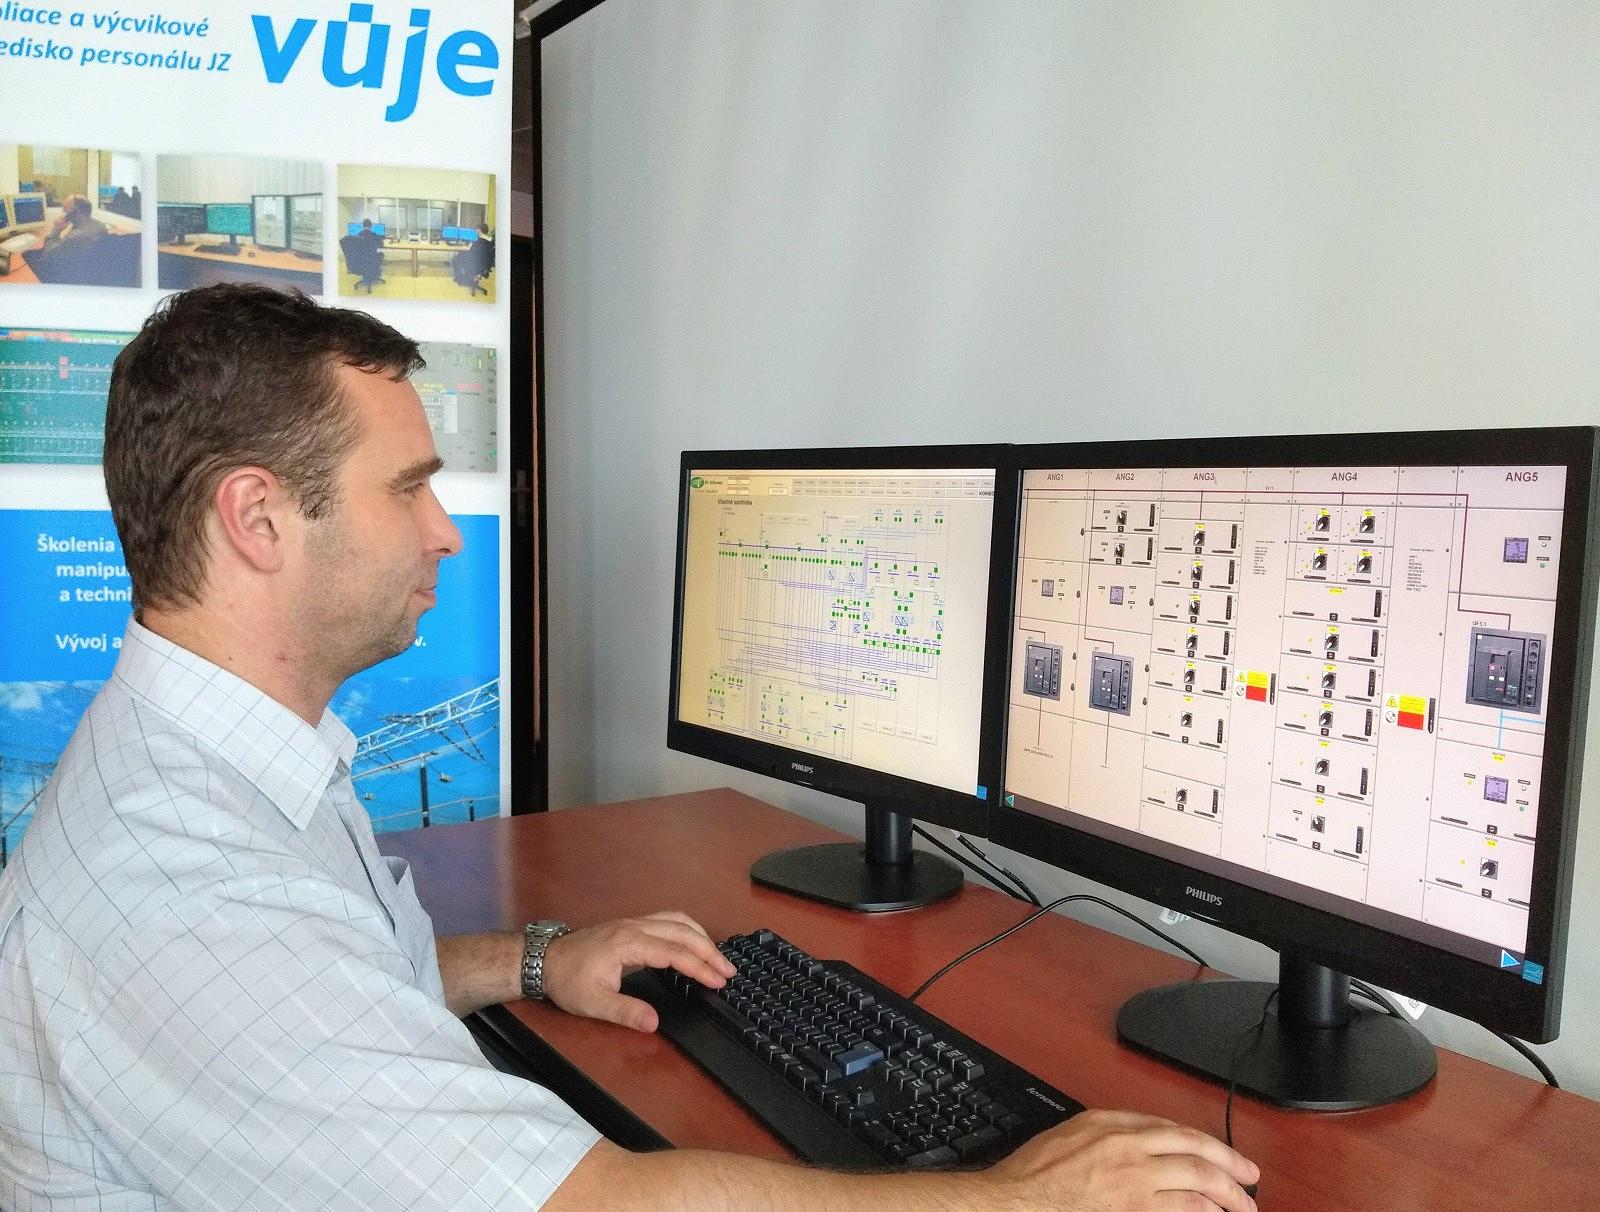 VUJE, a.s., odovzdala Slovenskej elektrizačnej prenosovej sústave, a.s., simulátor vlastnej spotreby pre elektrickú stanicu Križovany